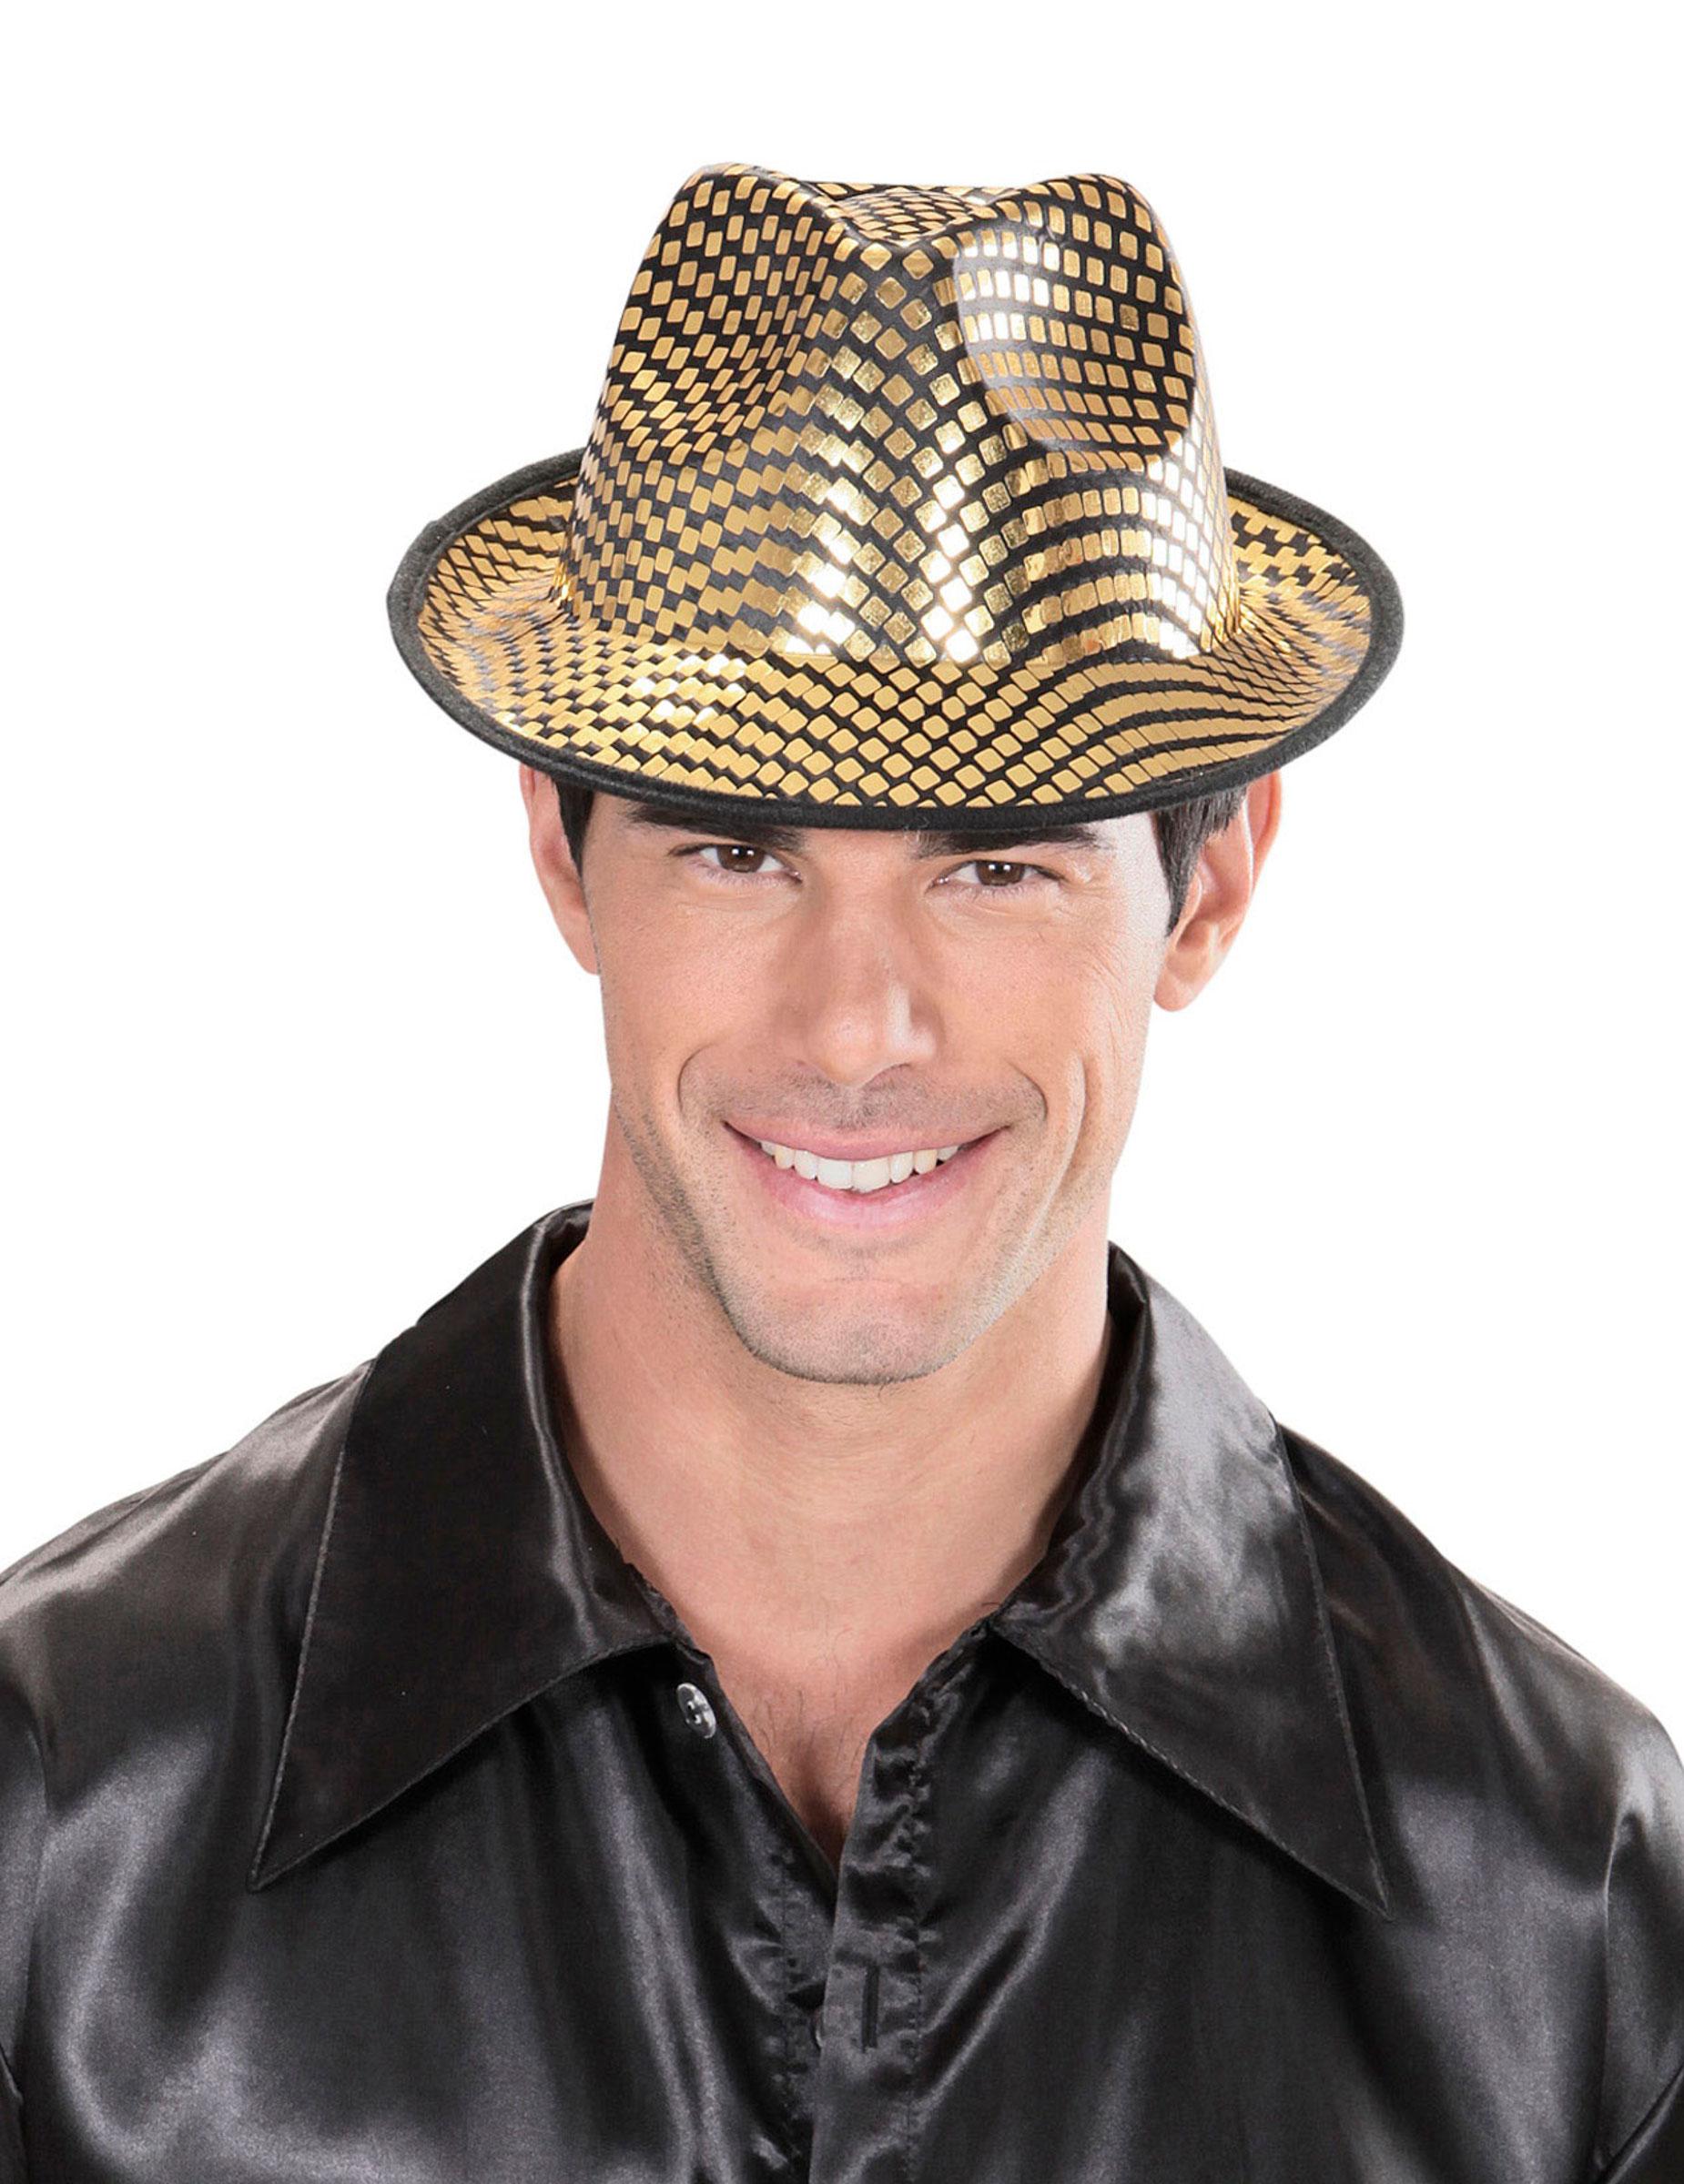 Cappello borsalino dorato e nero per adulto  Cappelli 0aba2e1d1123